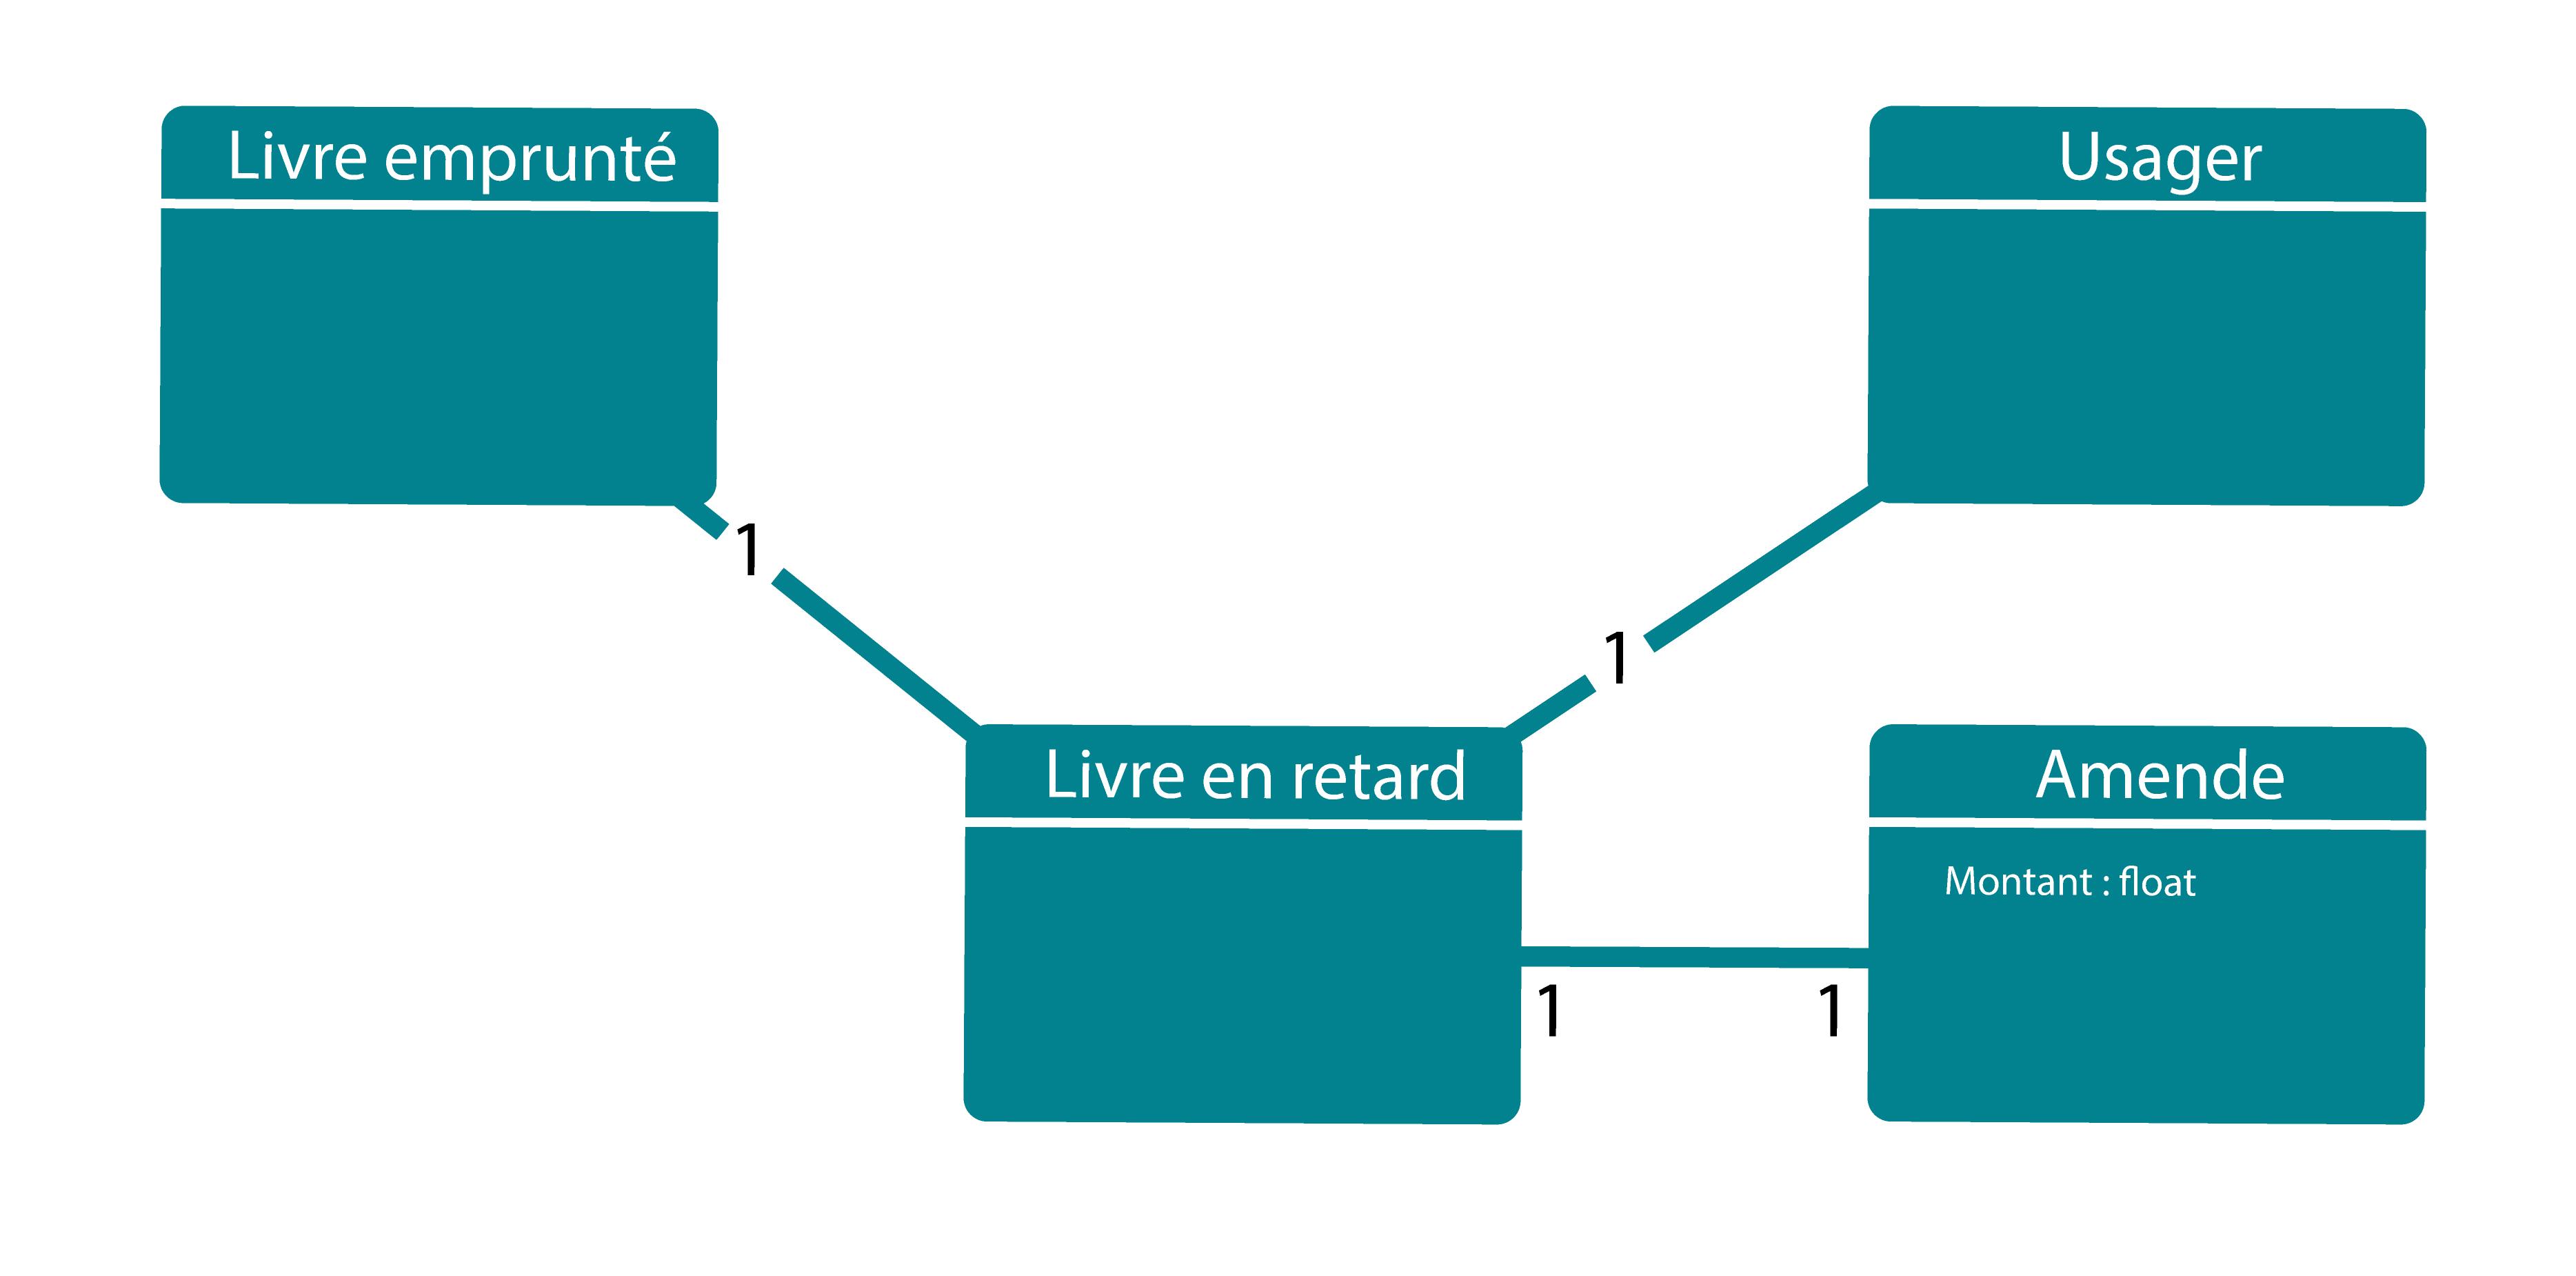 Image représentant le diagramme des libres en retard